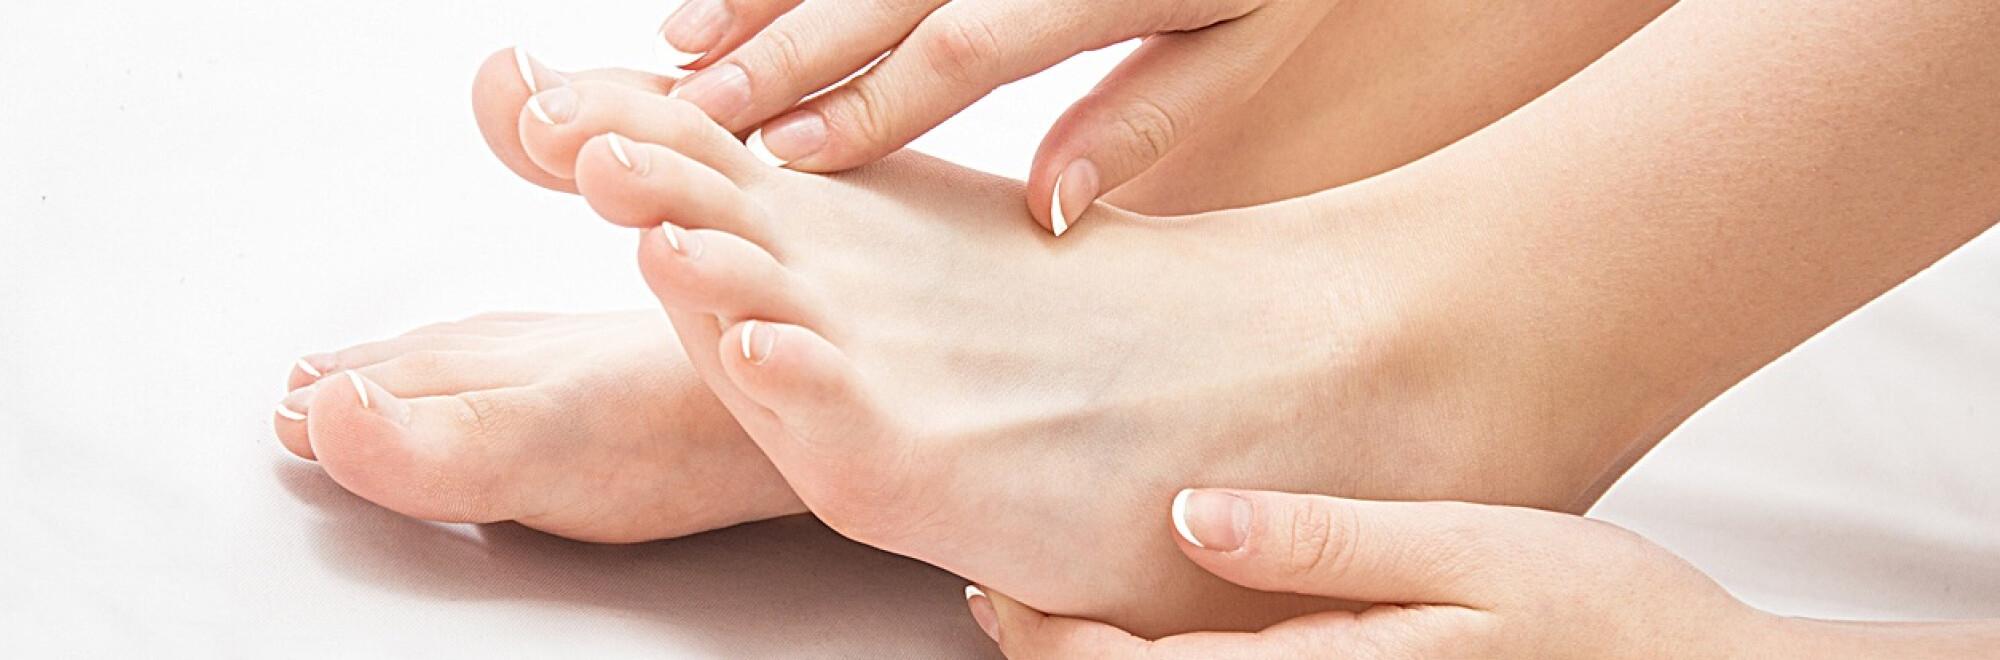 complicații articulare după boală exacerbarea de primăvară a tratamentului bolilor articulare